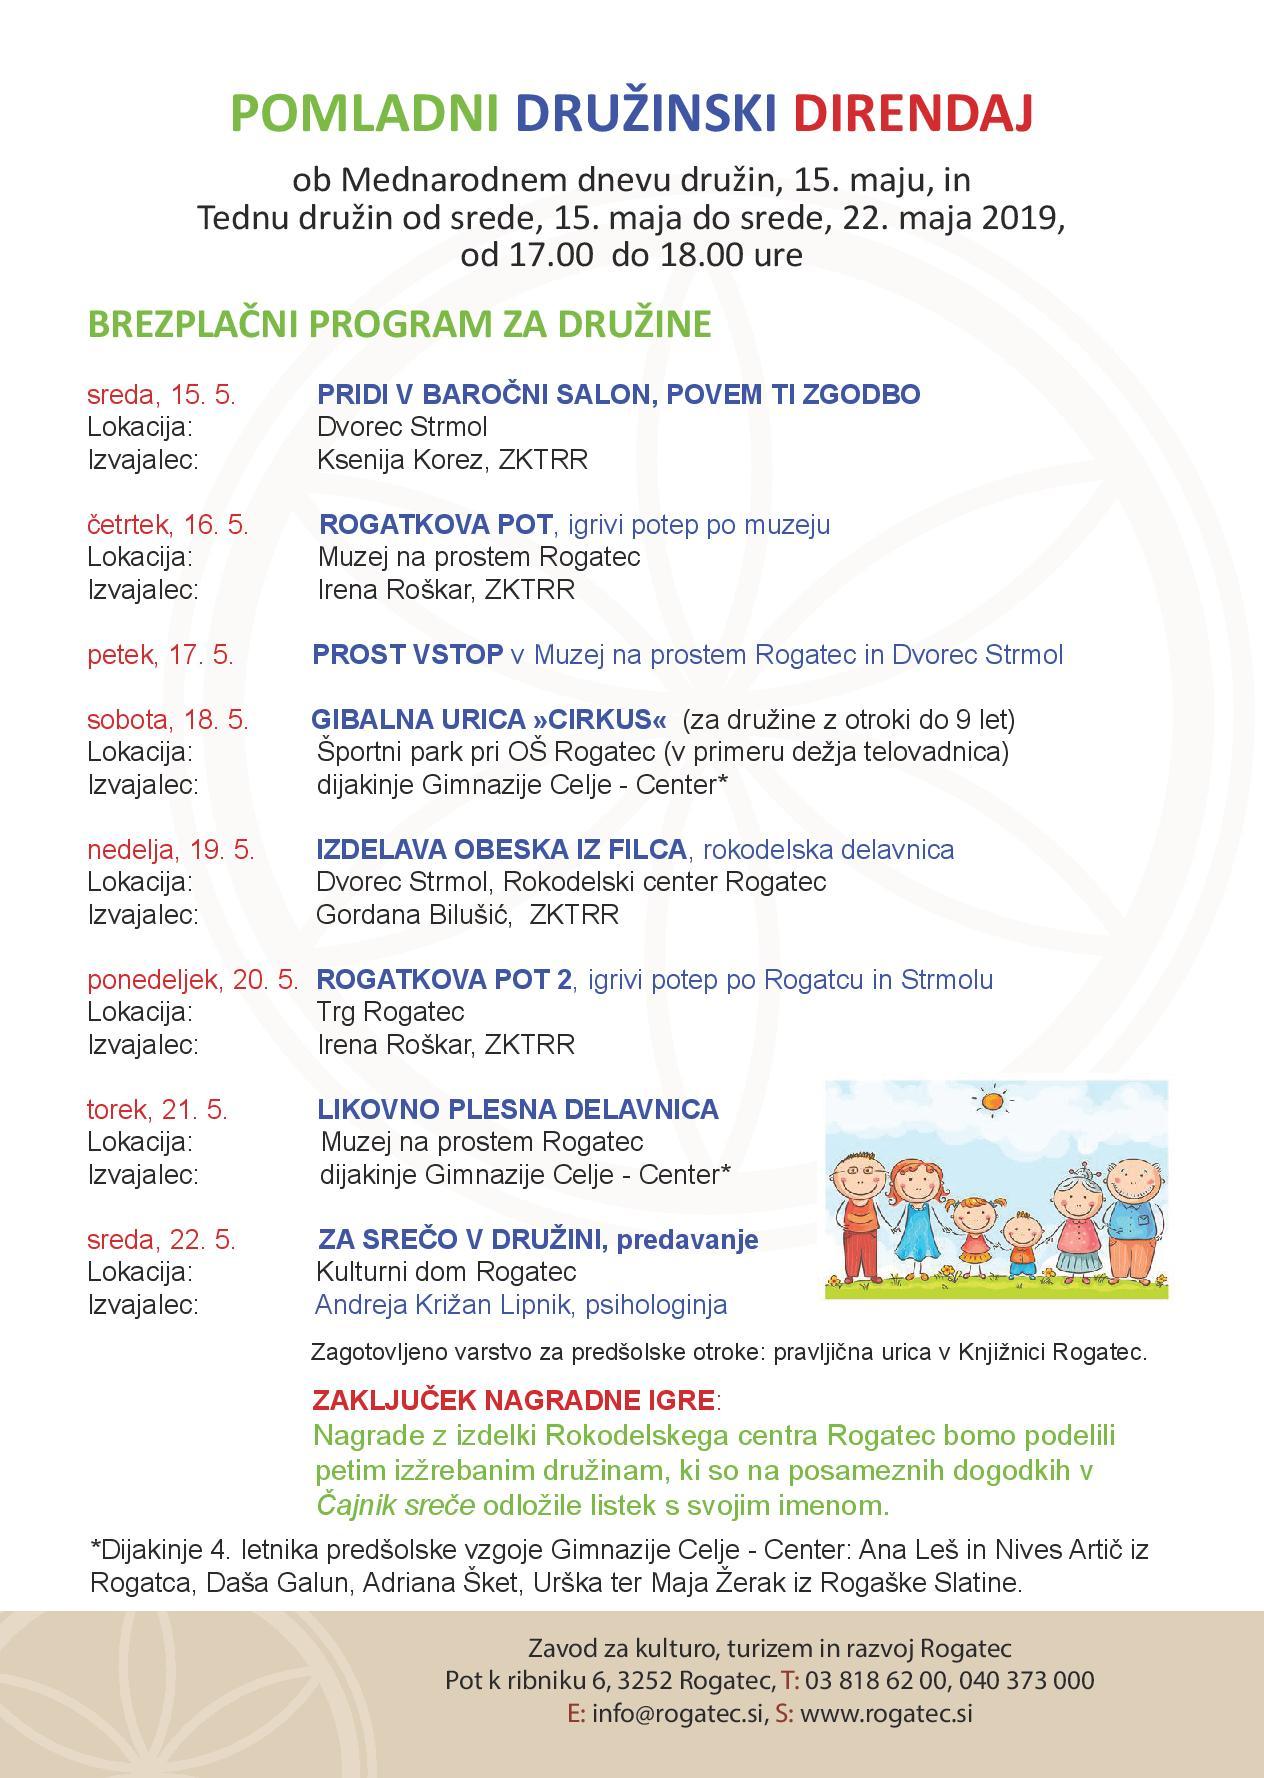 pomladni-druzinski-direndaj-2019-page-002